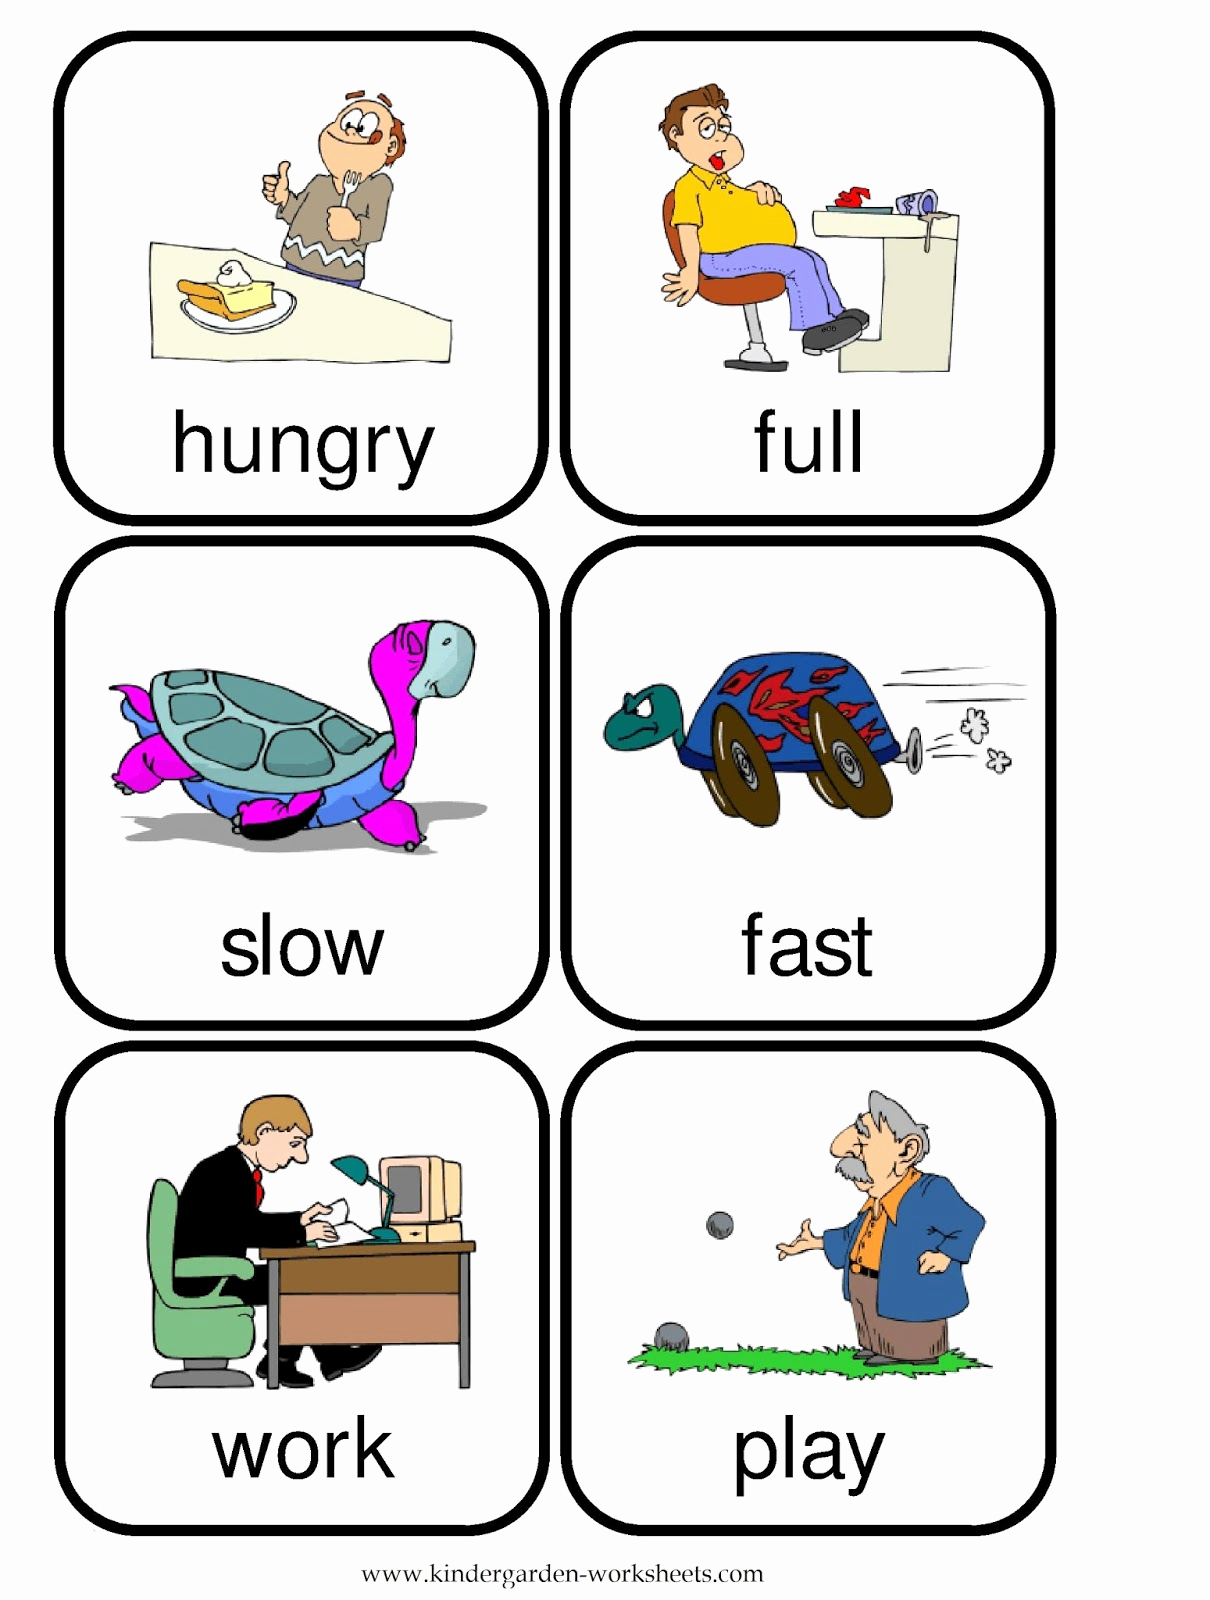 Opposites Worksheet for Kindergarten Elegant Kindergarten Worksheets Flashcards Opposite Words